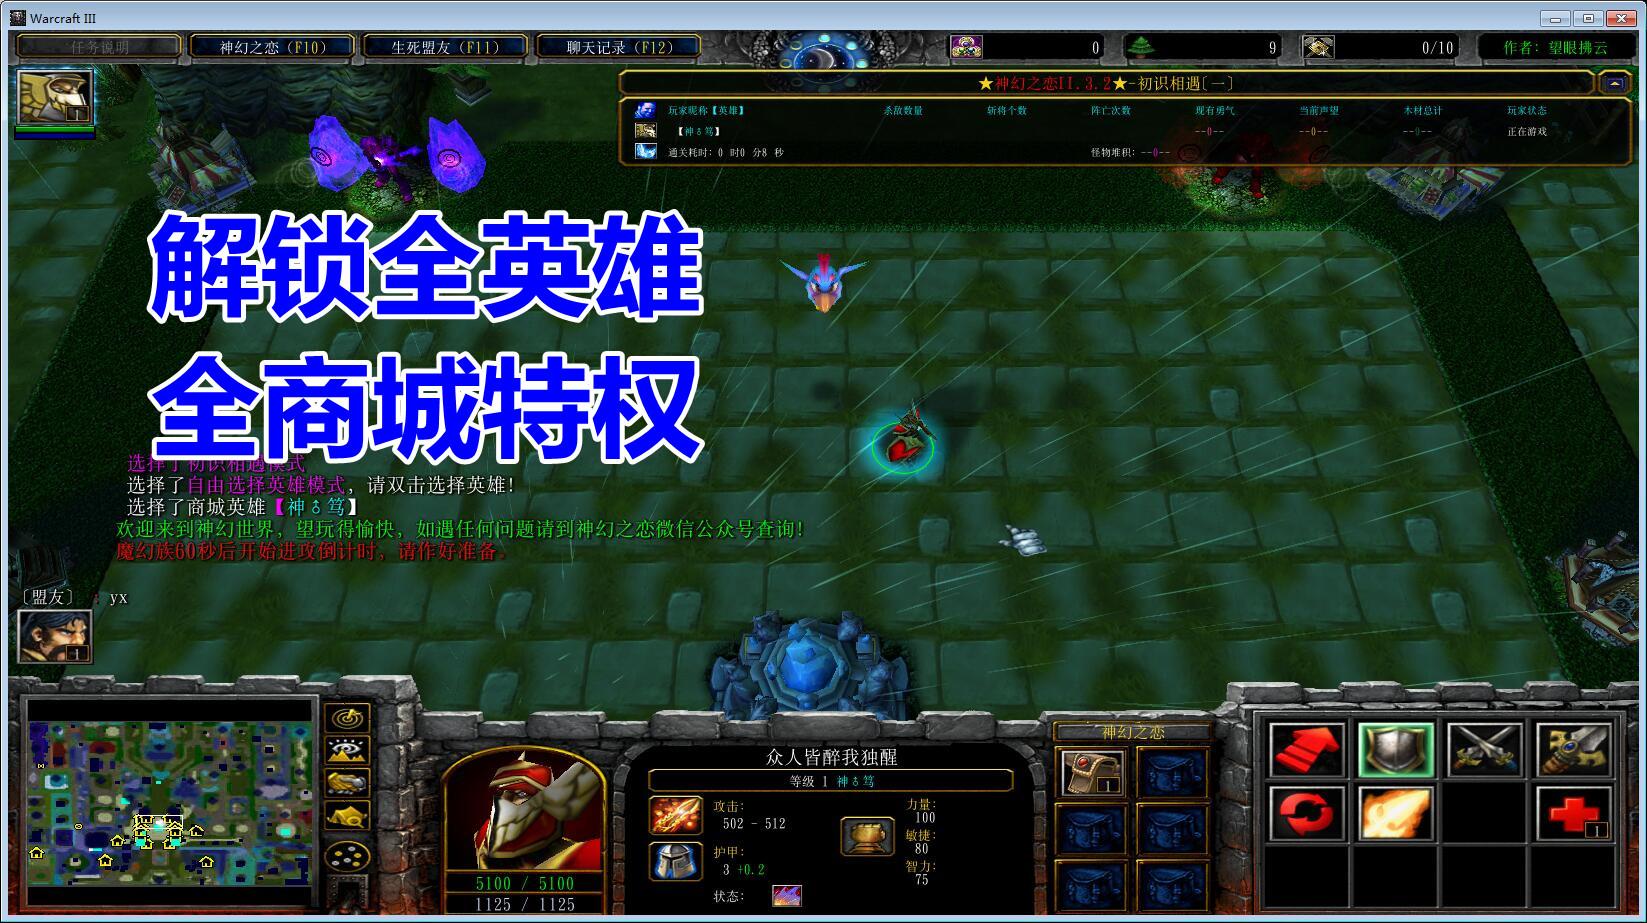 神幻之恋3.2.0TOP破解(附隐藏密码) 全隐藏英雄+神幻礼包+巨蜥坐骑+魔刃绝调+刷物品